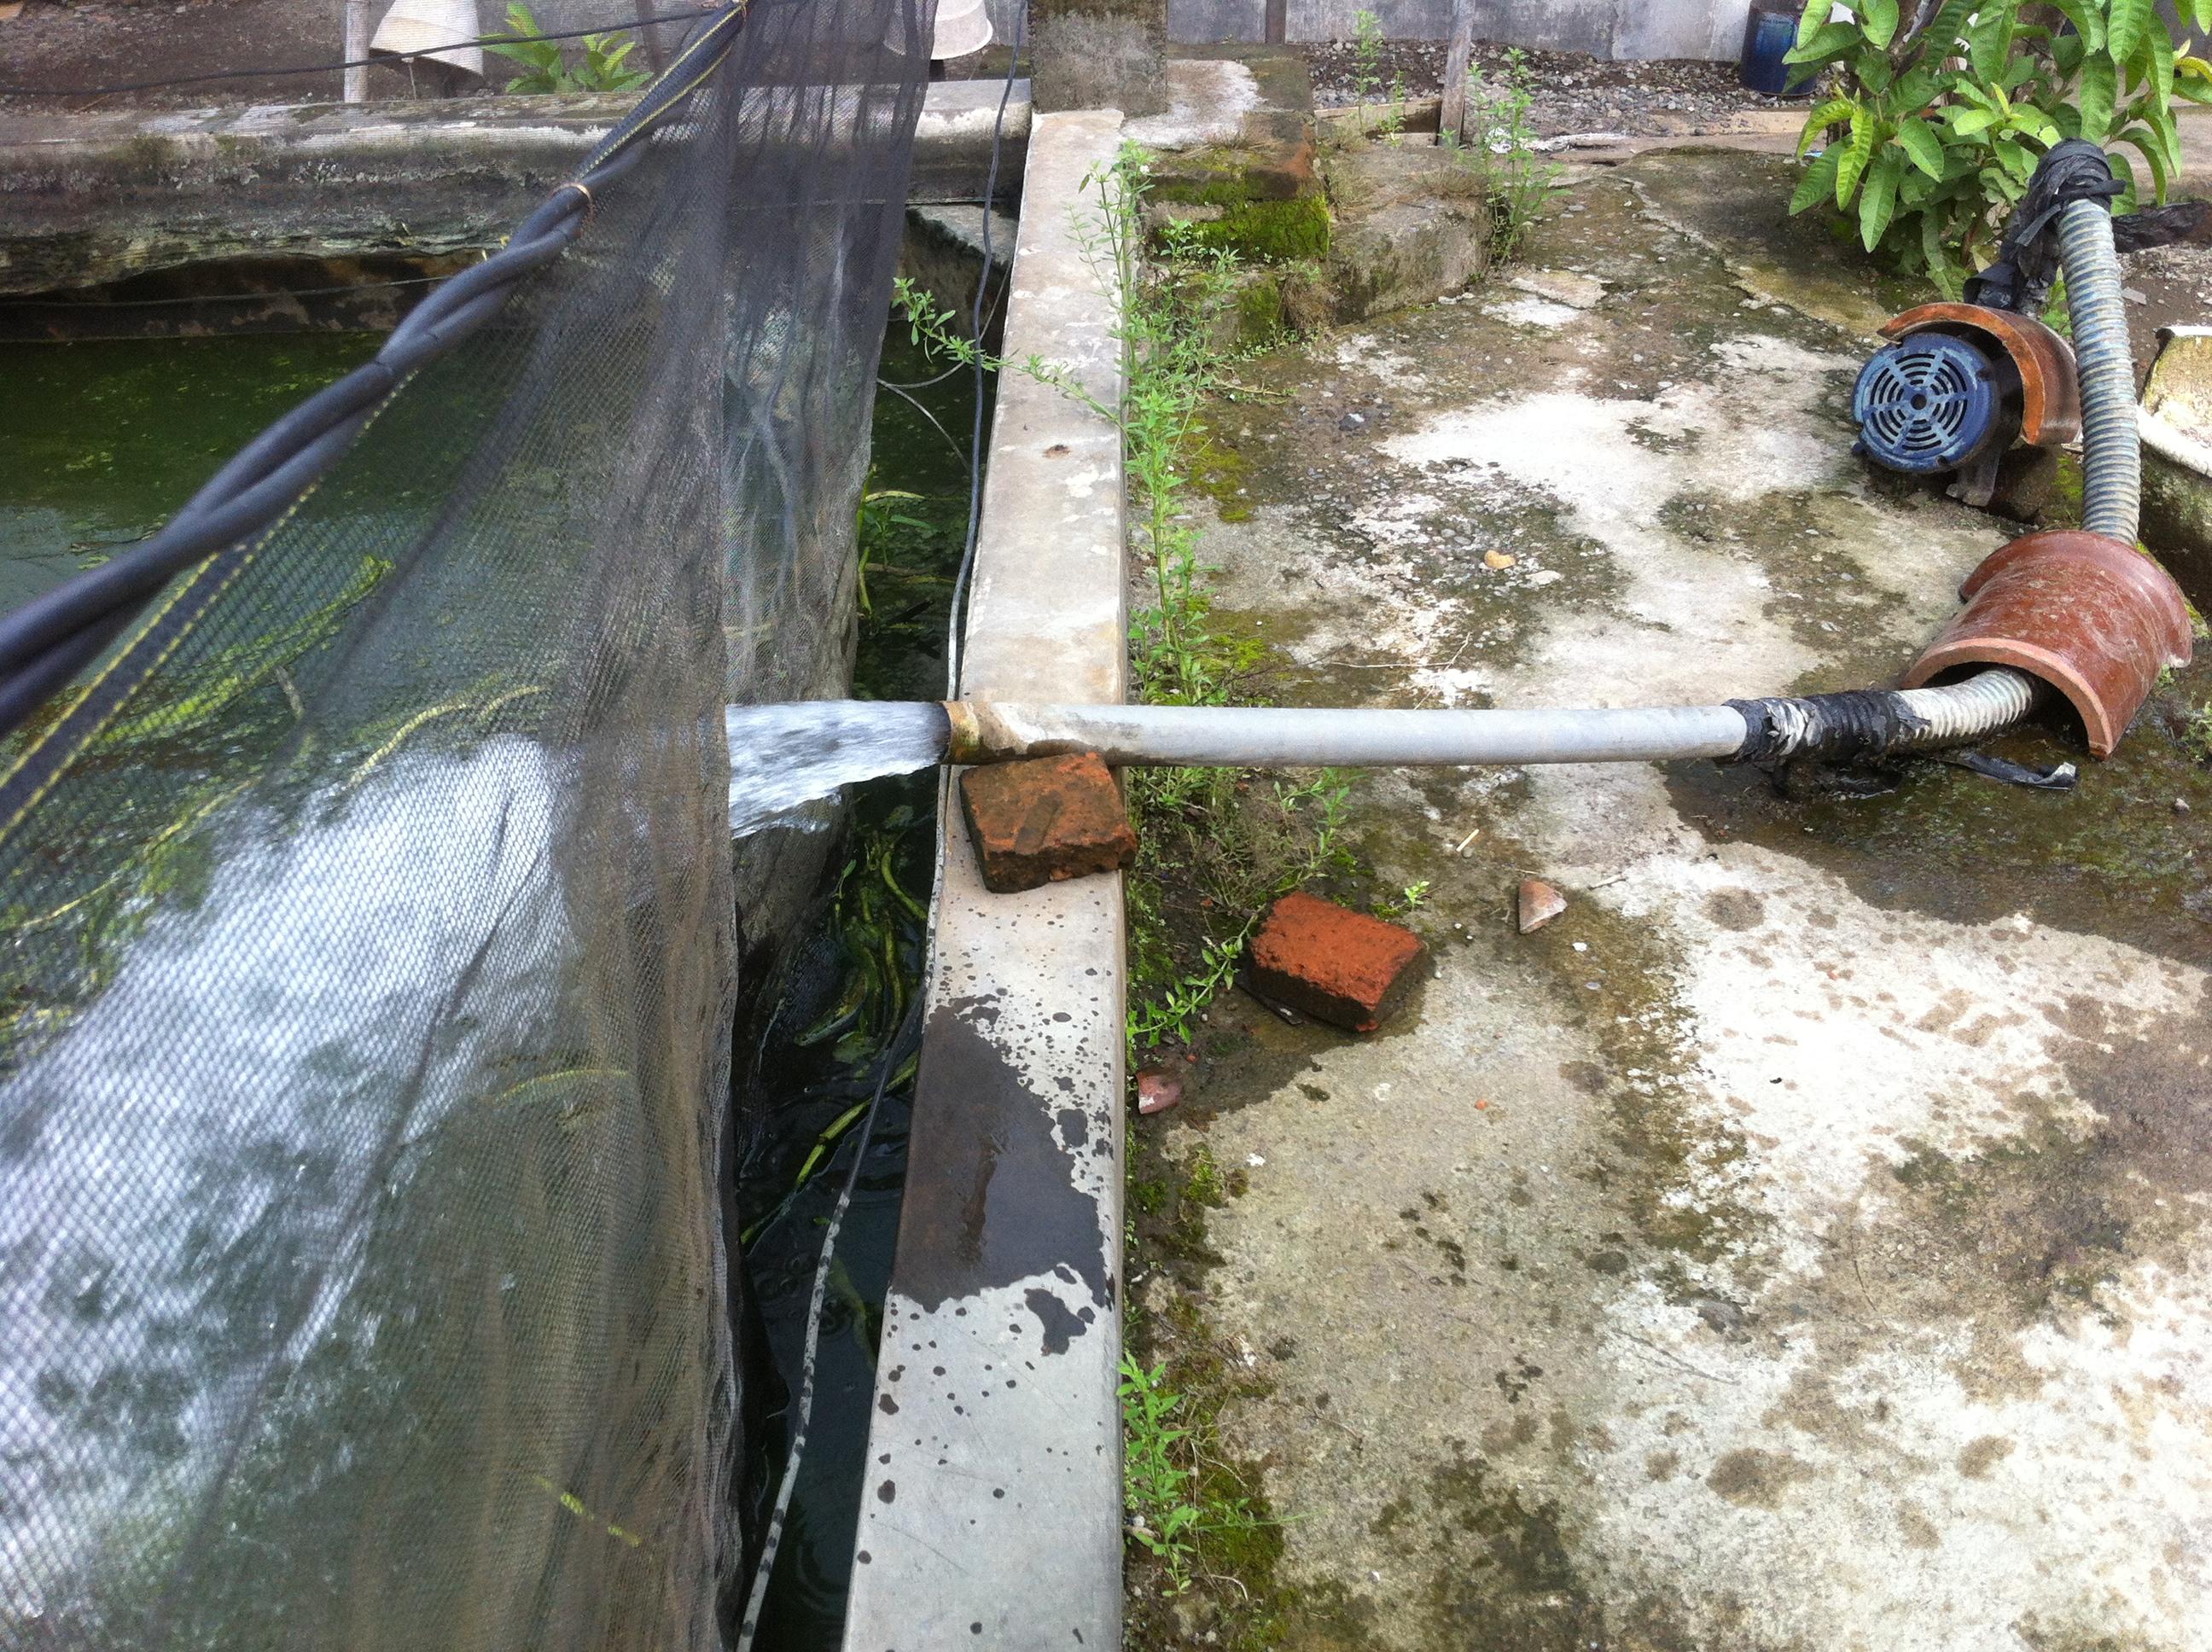 Harga Mesin Pompa Air Paling Murah